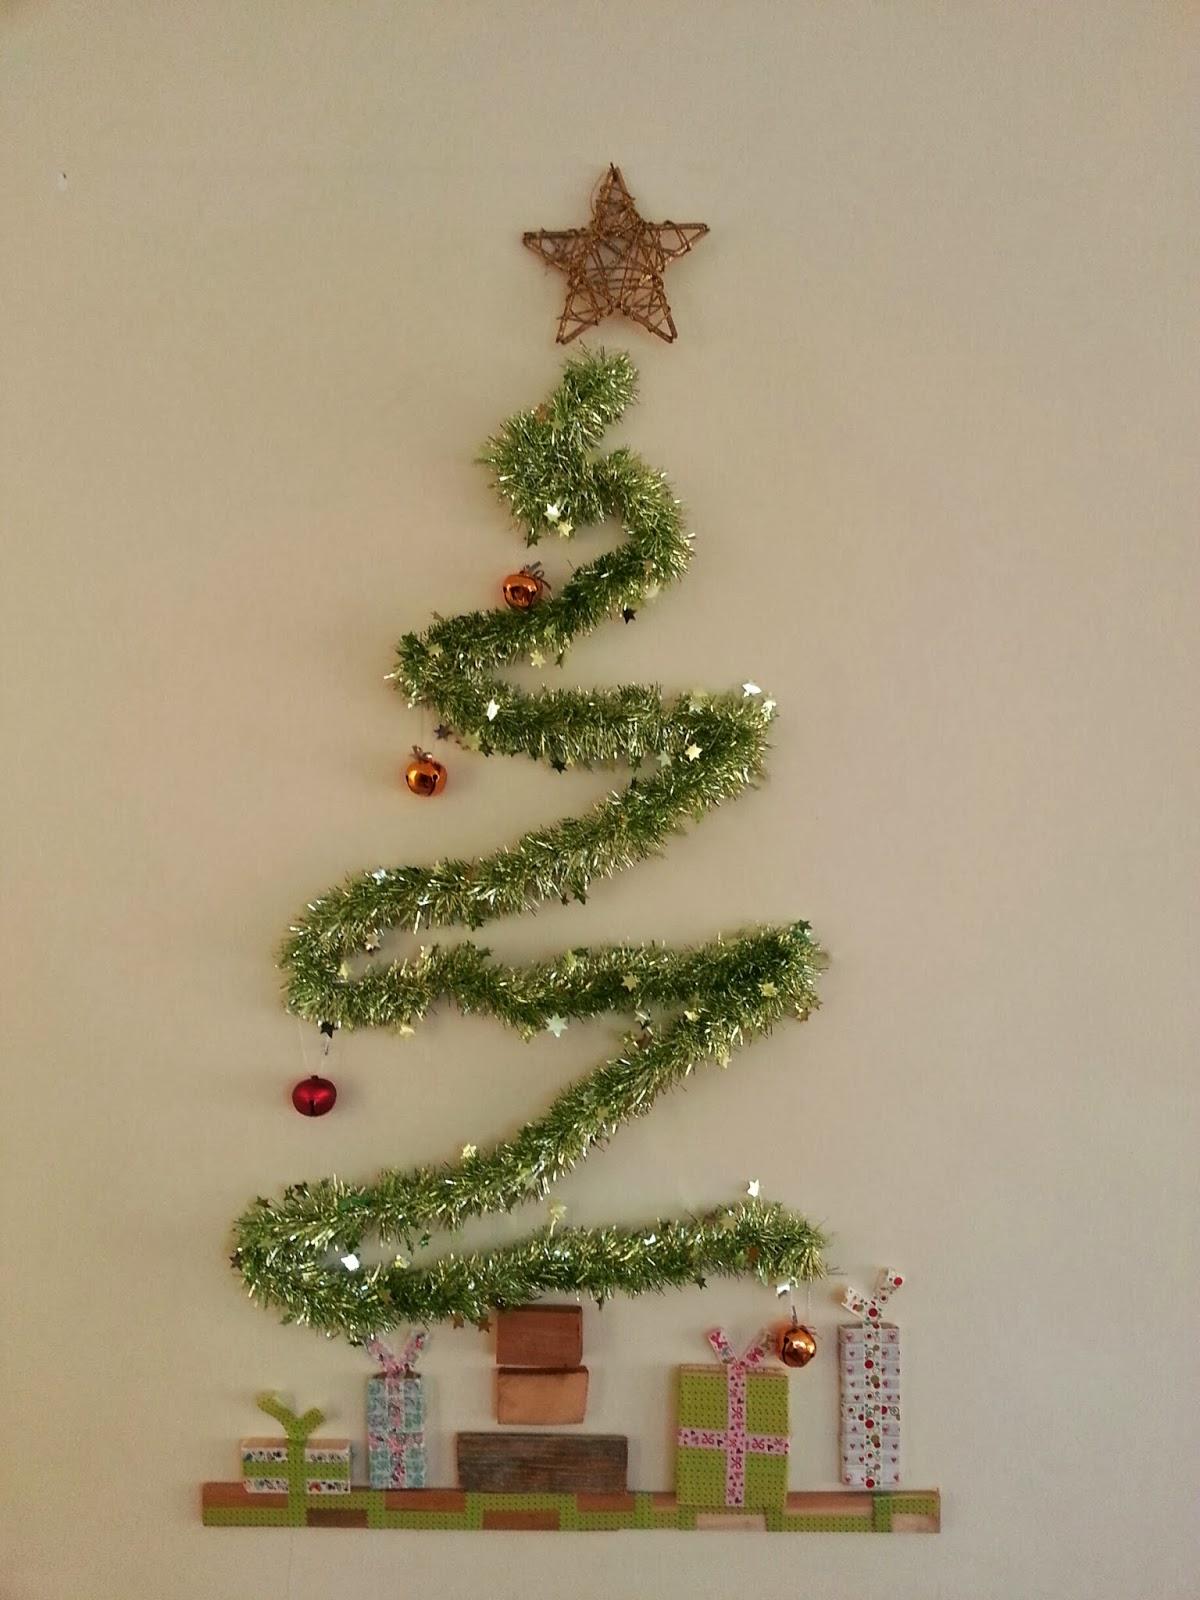 La chacha dot com arbol de navidad - Arbol de navidad con regalos ...